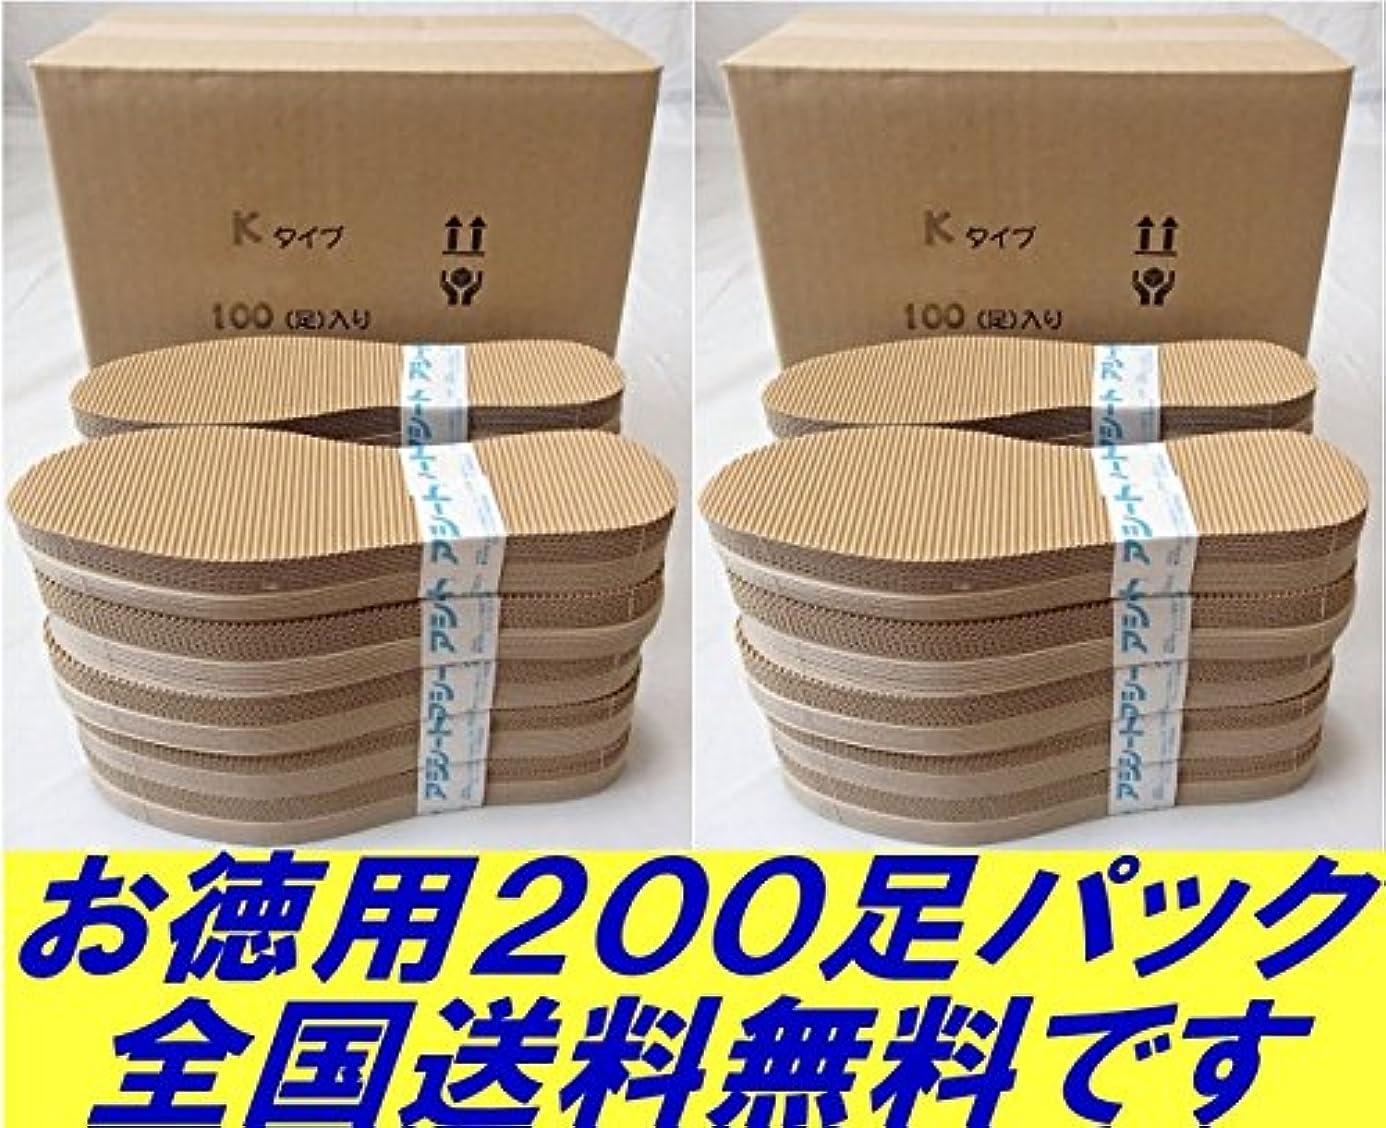 戦術断線メトロポリタンアシートKタイプお得用パック200足入り (25.5~26.0cm)